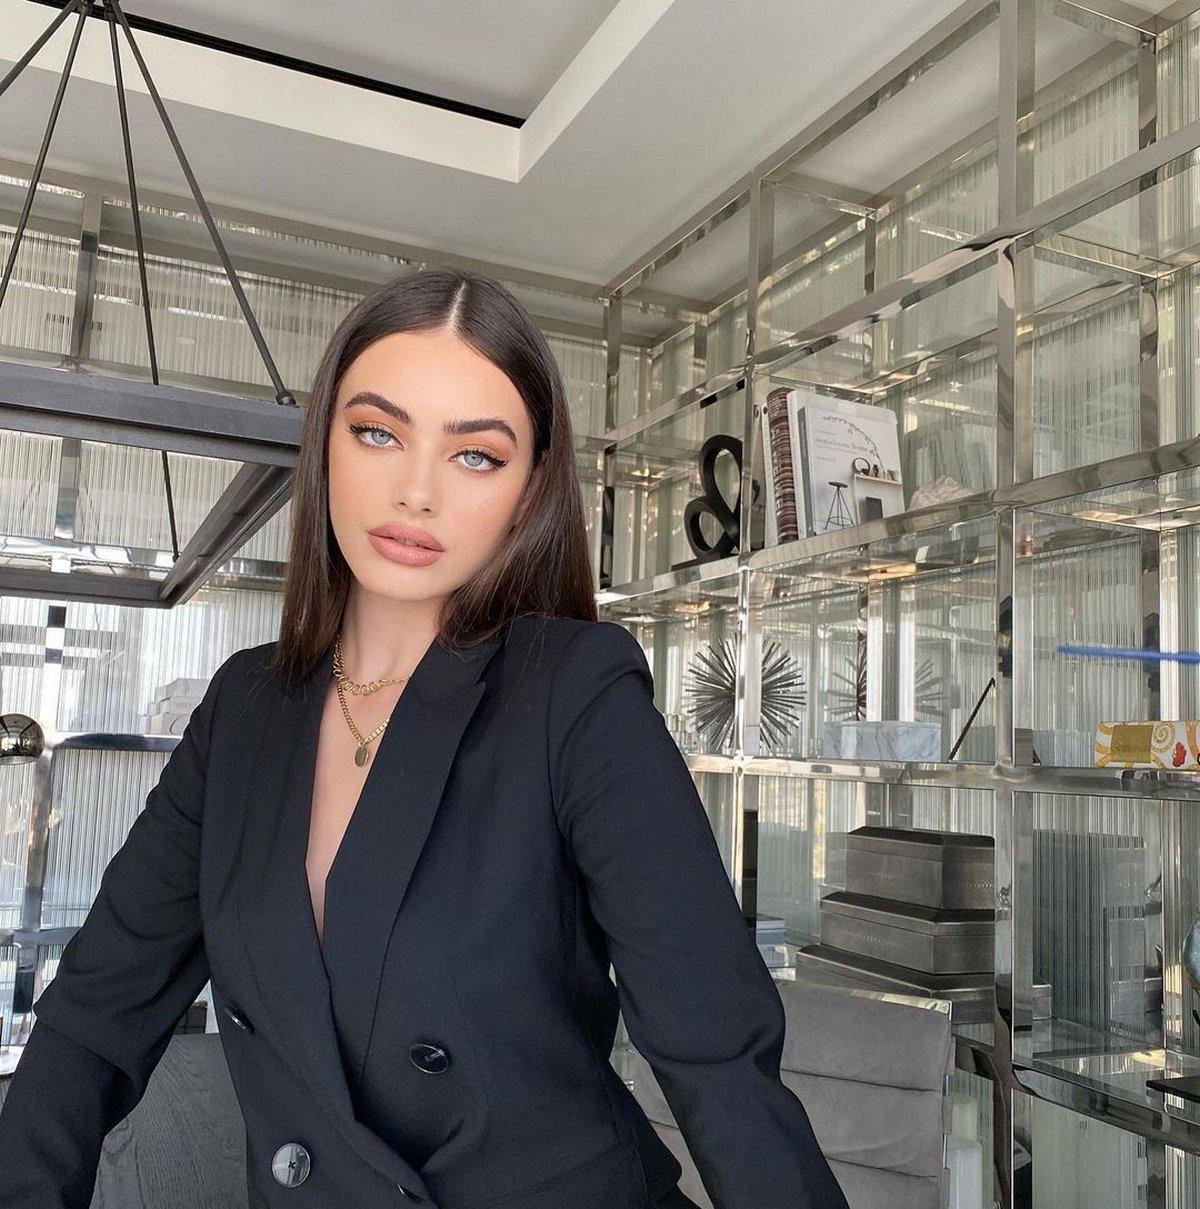 La star israélienne Yael Shelbia nommée plus beau visage au monde de 2020